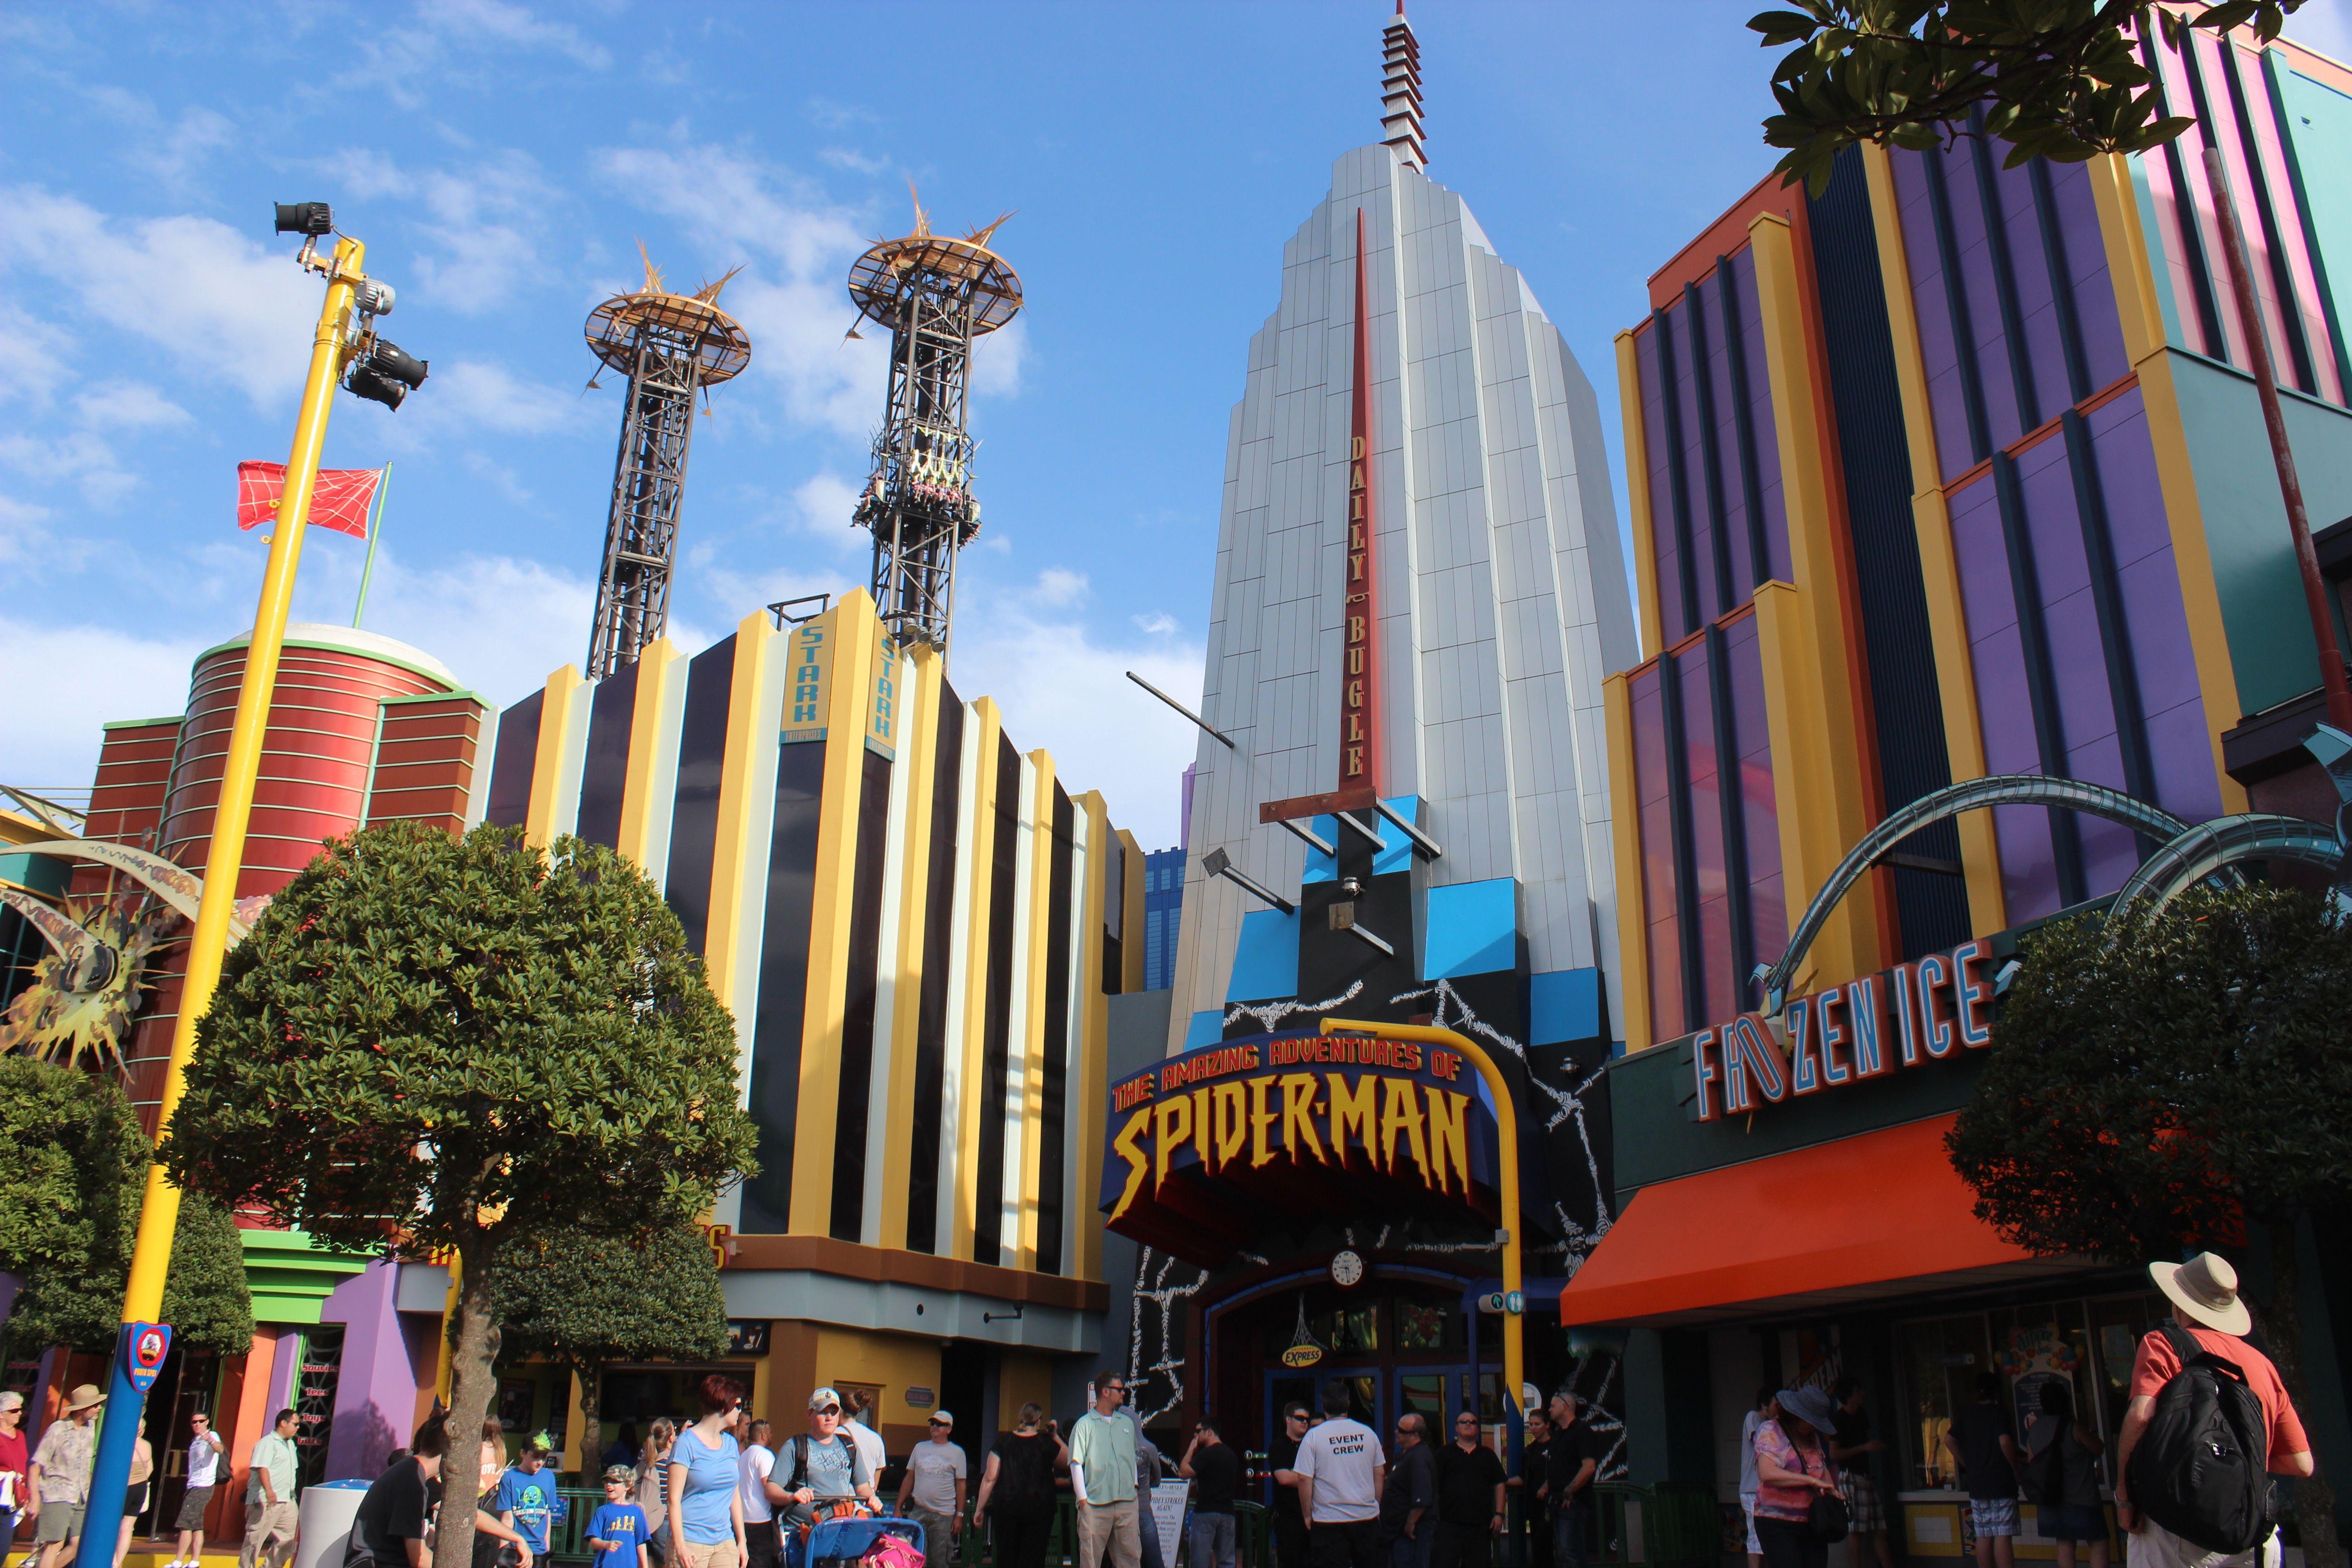 Spider-Man Universal Orlando Ride